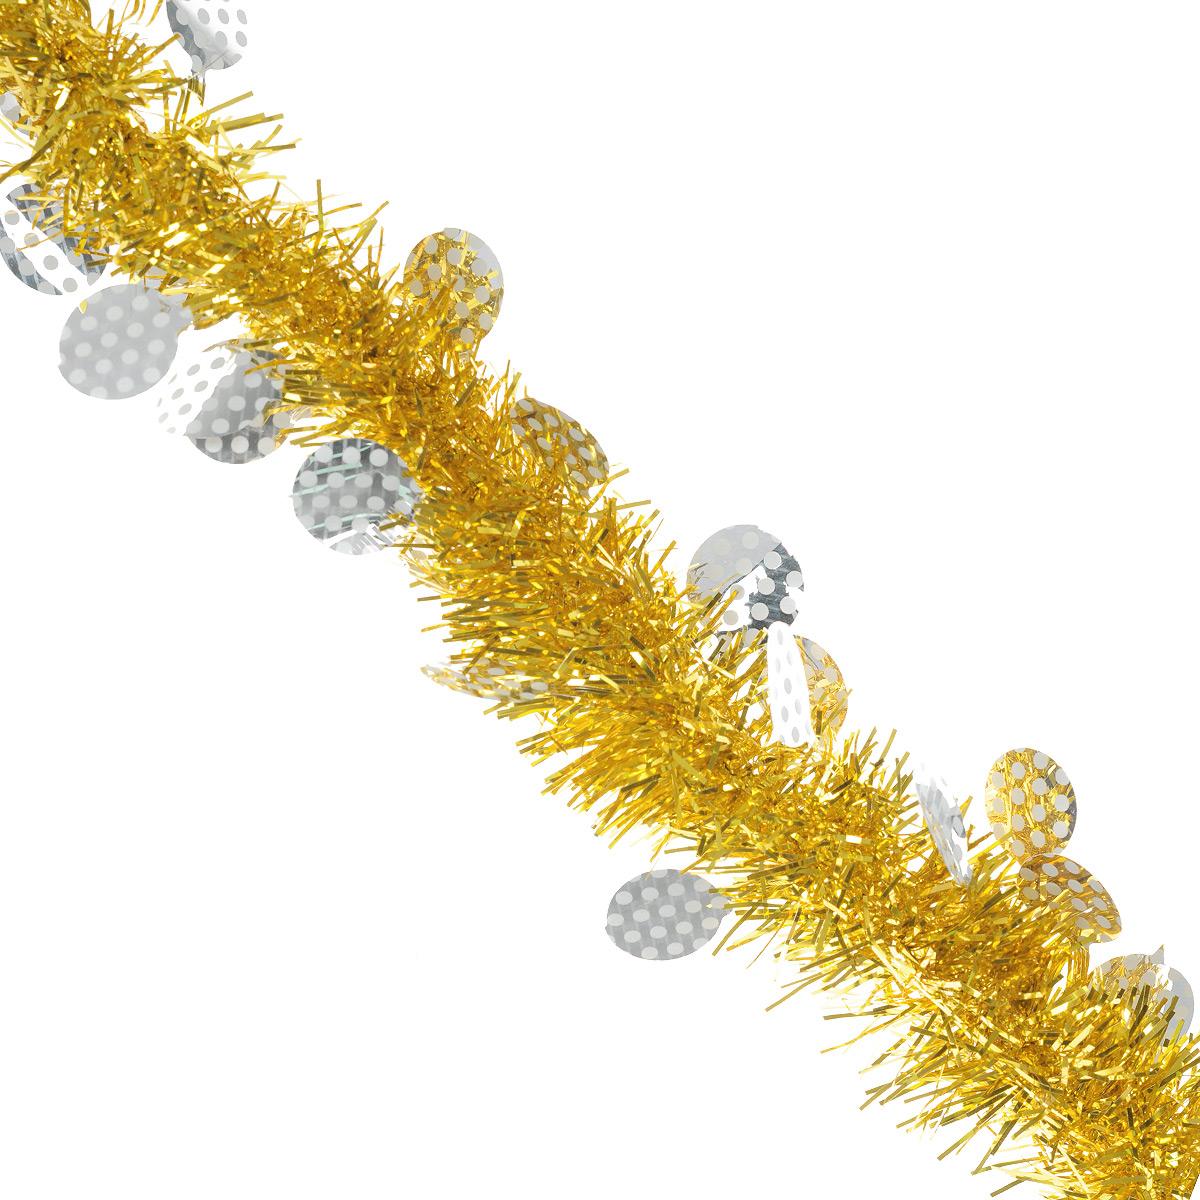 Мишура новогодняя Sima-land, цвет: золотистый, серебристый, диаметр 6 см, длина 200 см. 825975825975Пушистая новогодняя мишура Sima-land, выполненная из двухцветной фольги, поможет вам украсить свой дом к предстоящим праздникам. А новогодняя елка с таким украшением станет еще наряднее. Мишура армирована, то есть имеет проволоку внутри и способна сохранять приданную ей форму. Новогодней мишурой можно украсить все, что угодно - елку, квартиру, дачу, офис - как внутри, так и снаружи. Можно сложить новогодние поздравления, буквы и цифры, мишурой можно украсить и дополнить гирлянды, можно выделить дверные колонны, оплести дверные проемы.